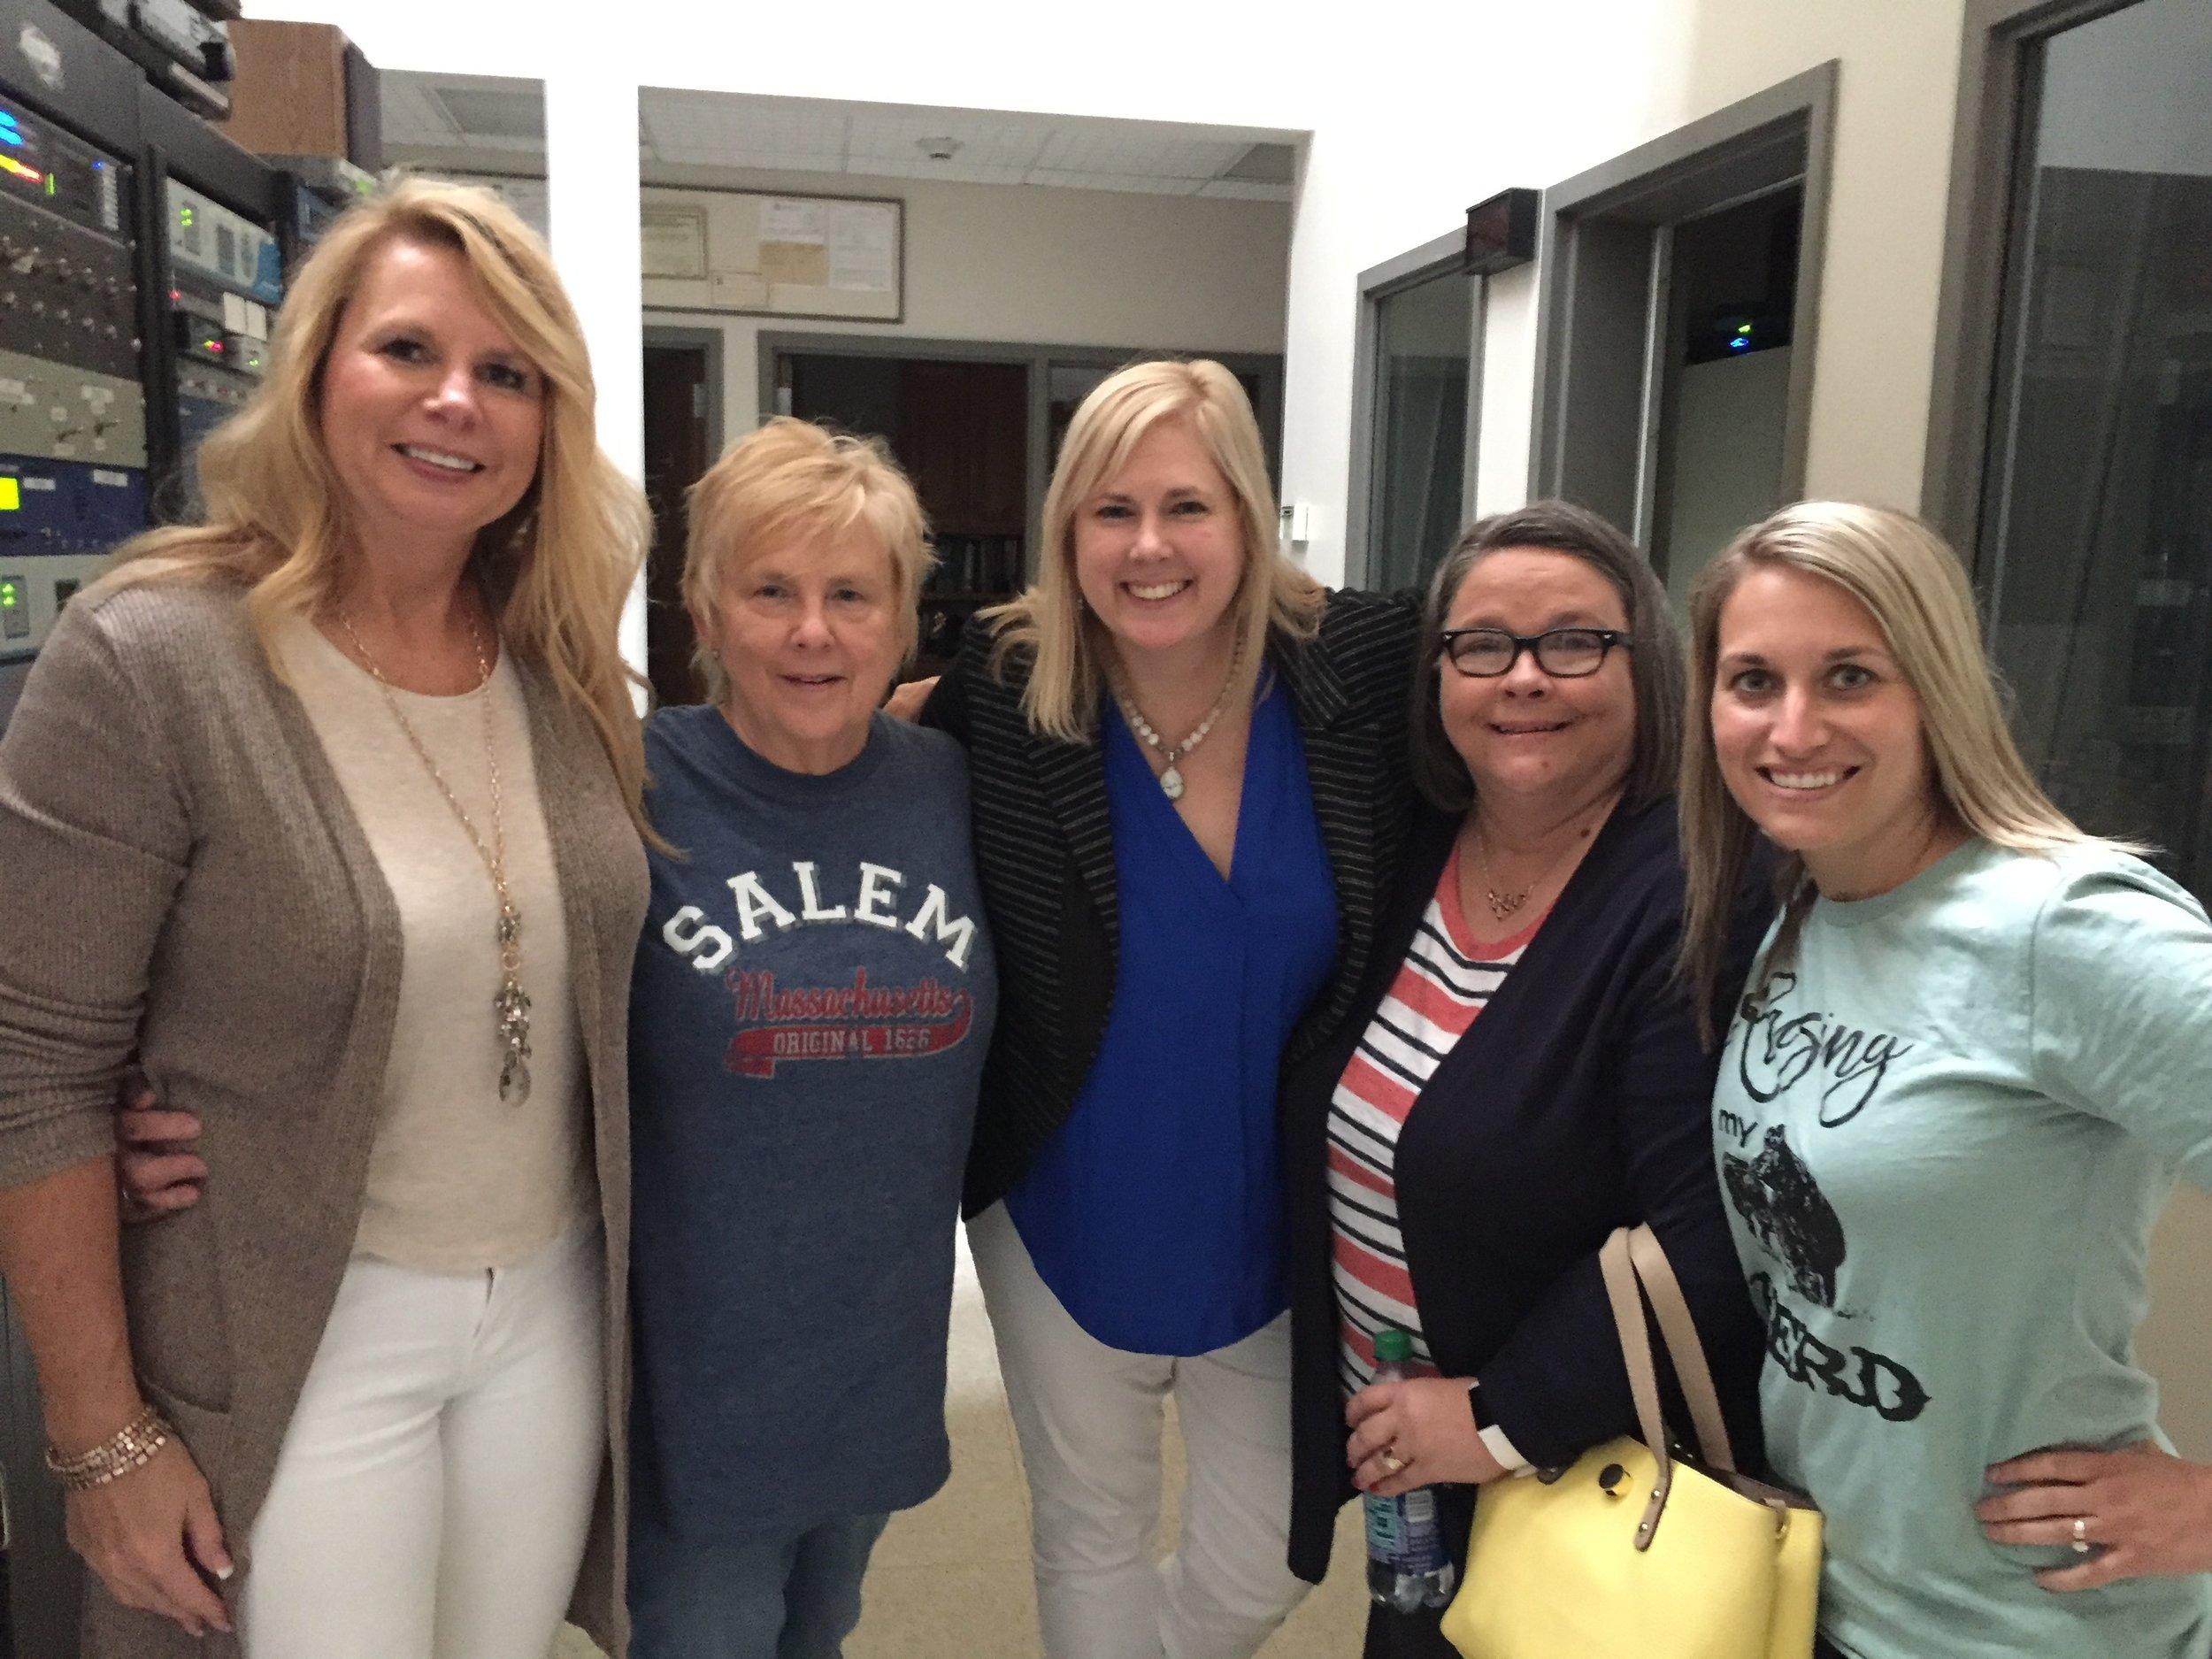 Beverly Ramsey, JoBelle Hopper, Dawn Hale, Jill Widel